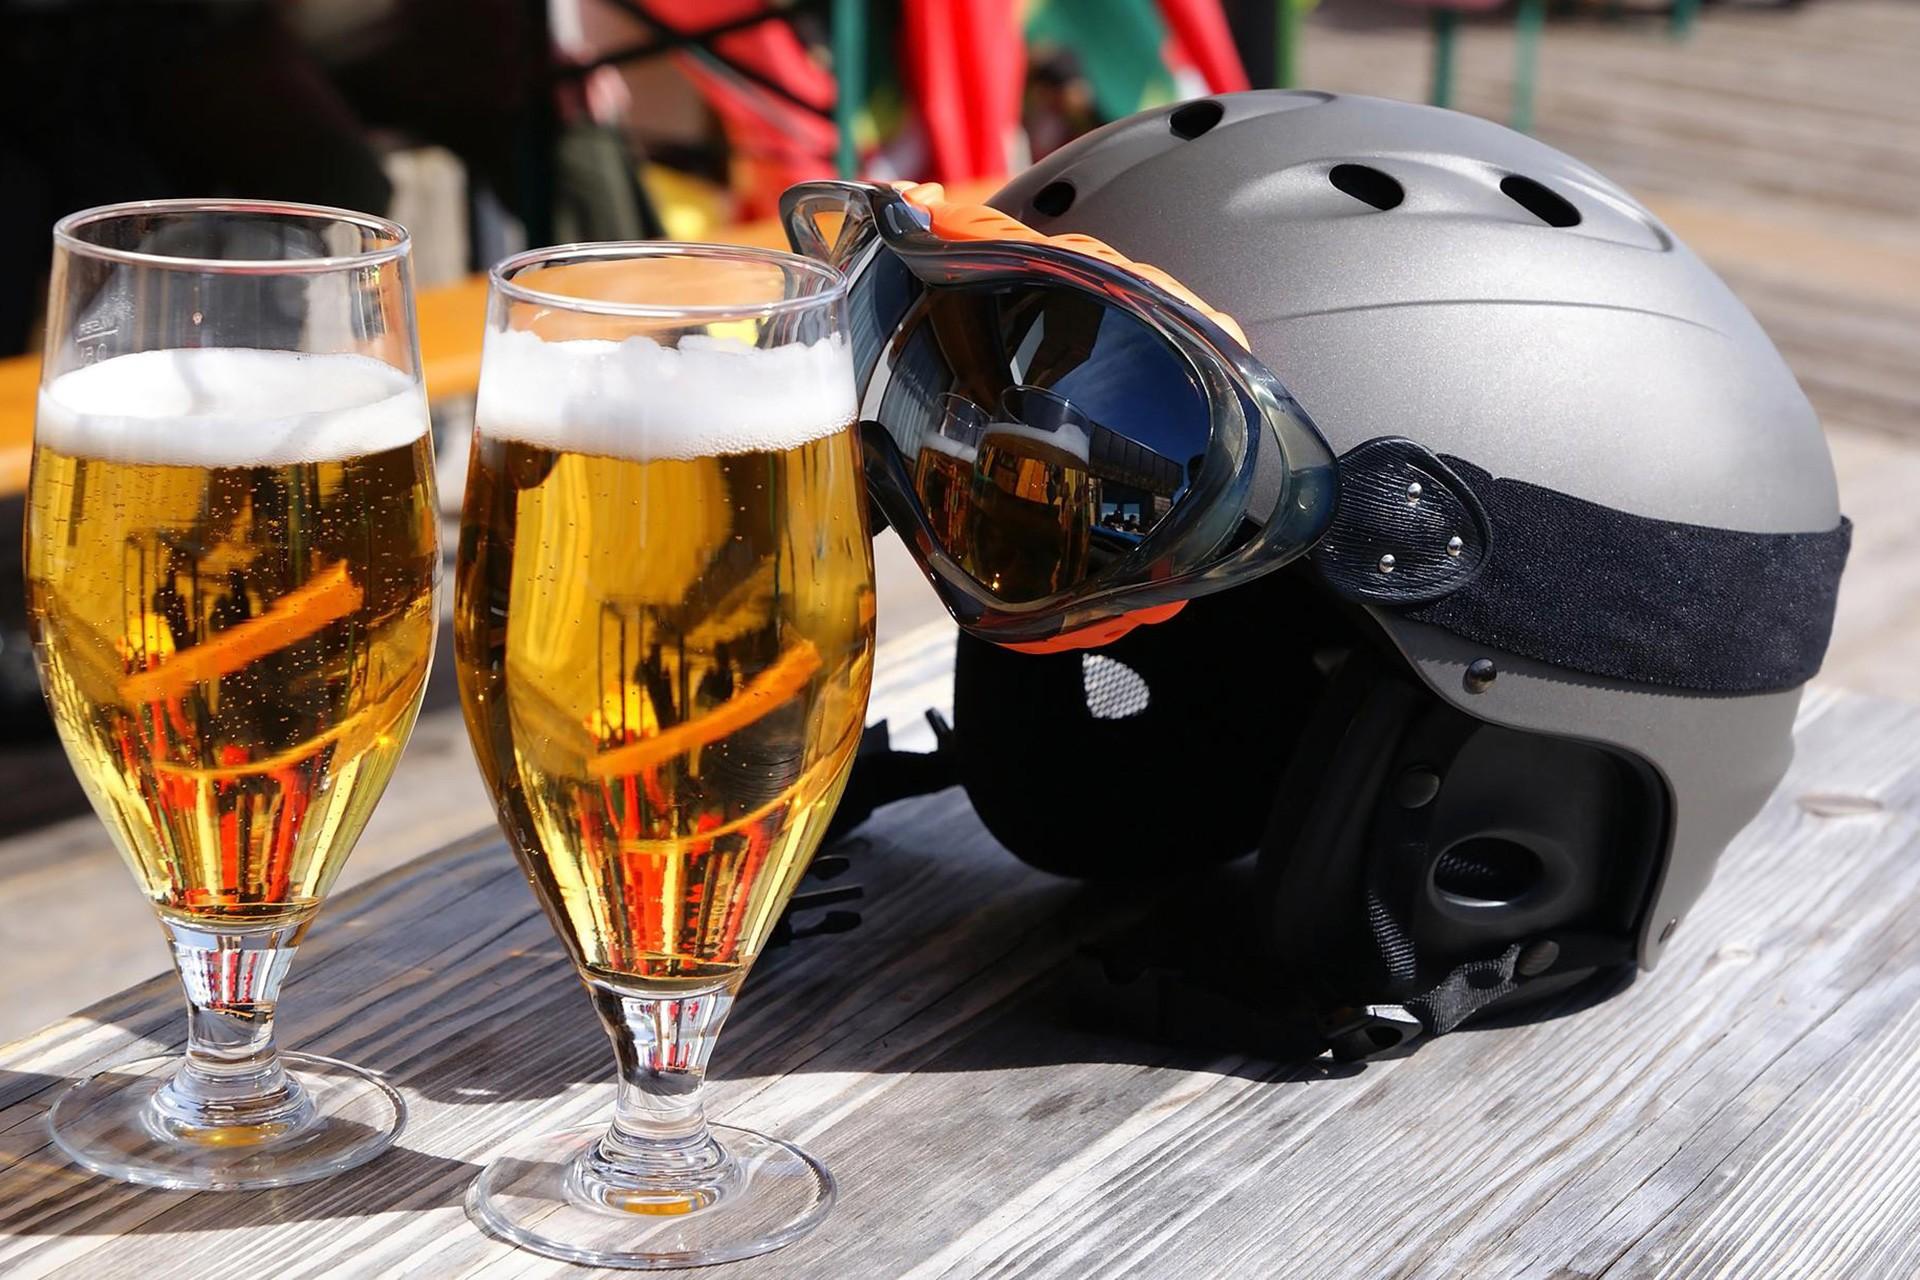 Après-Ski at Pitztaler Skihütte